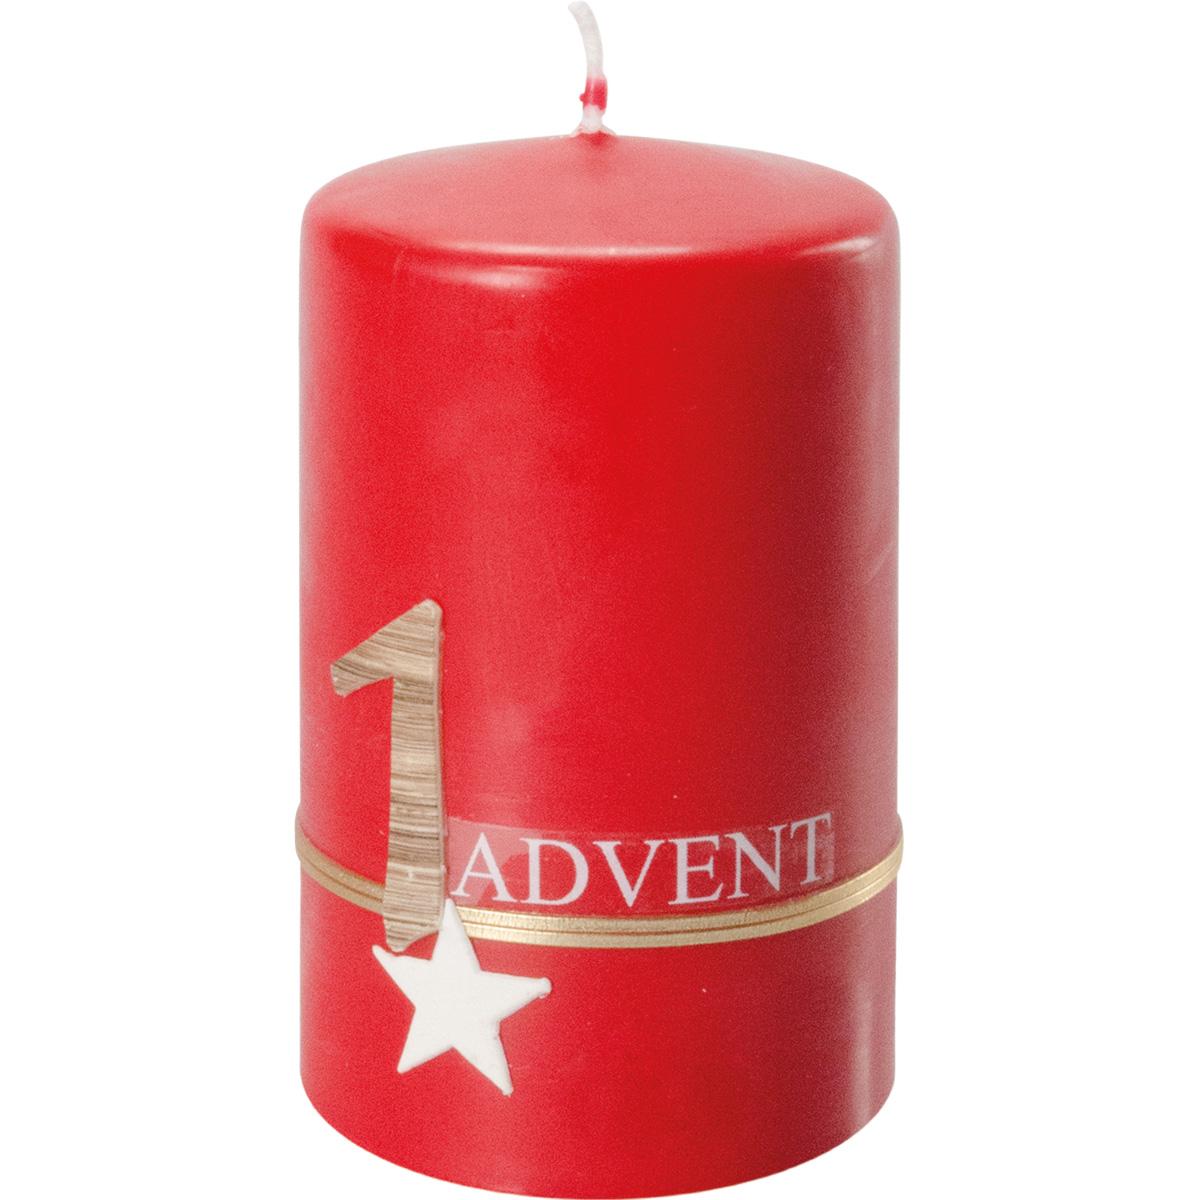 4 Adventskerzen, #351, 10 x 6 cm, rubin, Advent 1 - 4